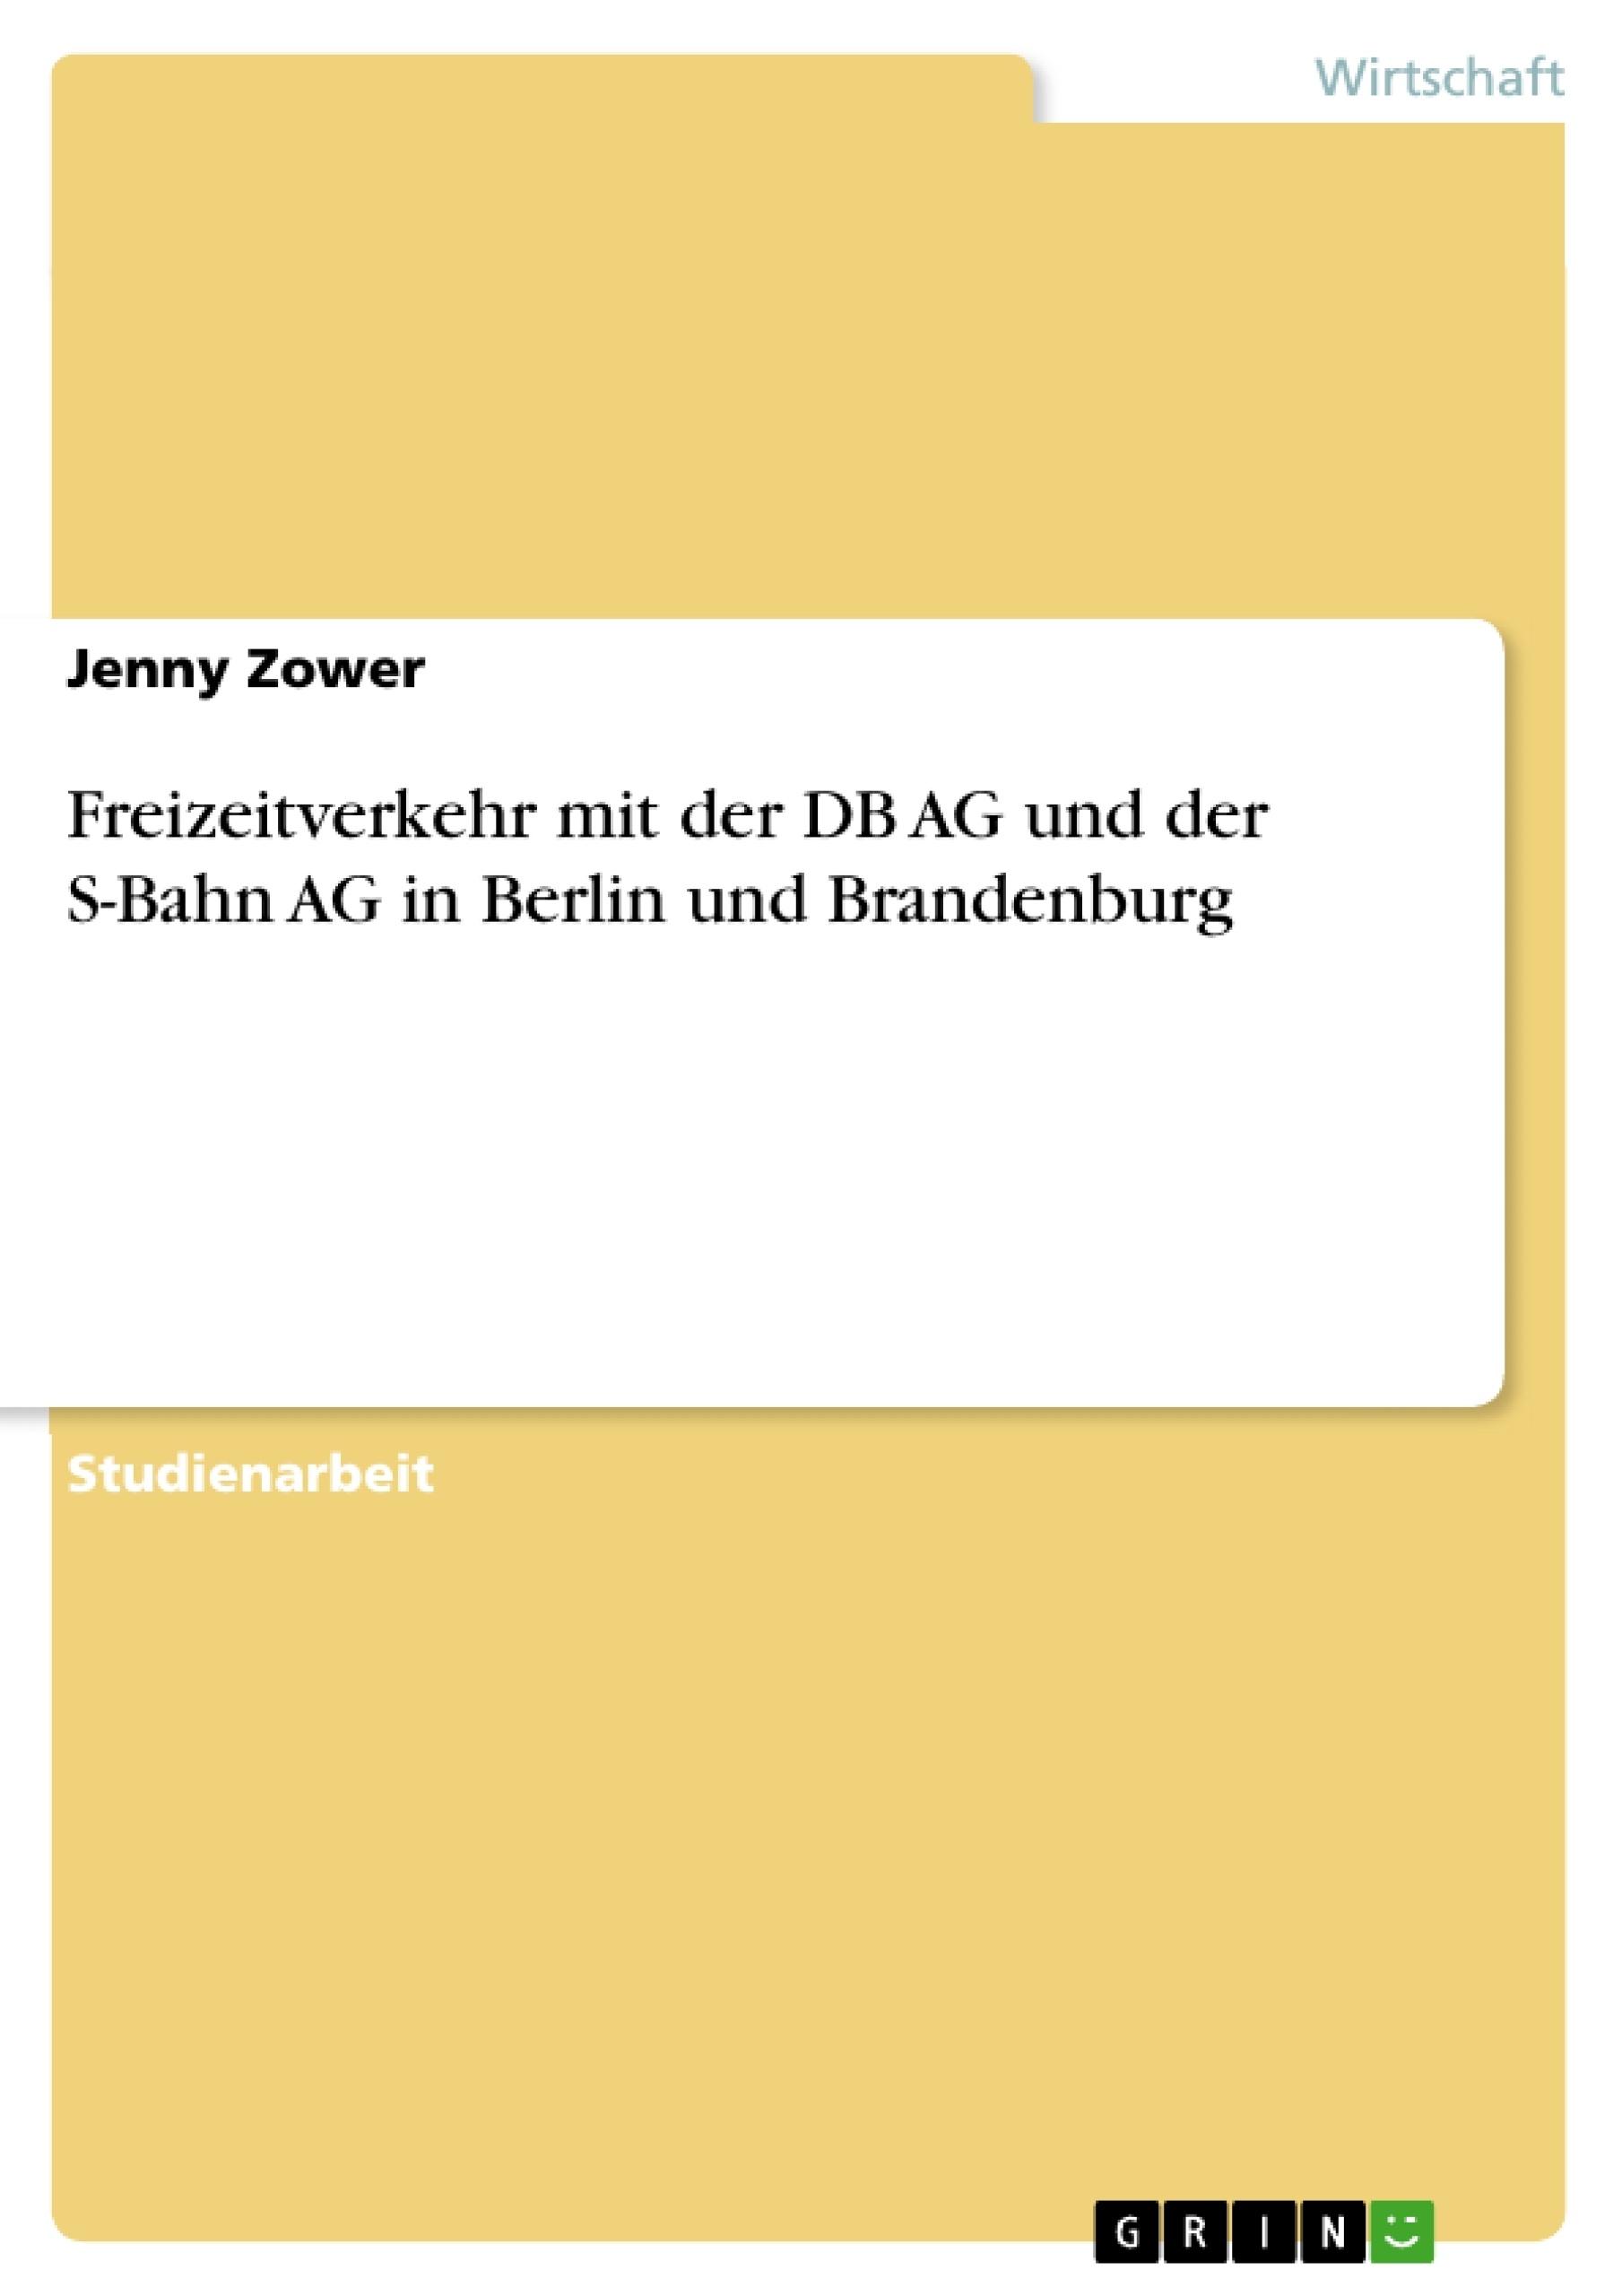 Titel: Freizeitverkehr mit der DB AG und der S-Bahn AG in Berlin und Brandenburg